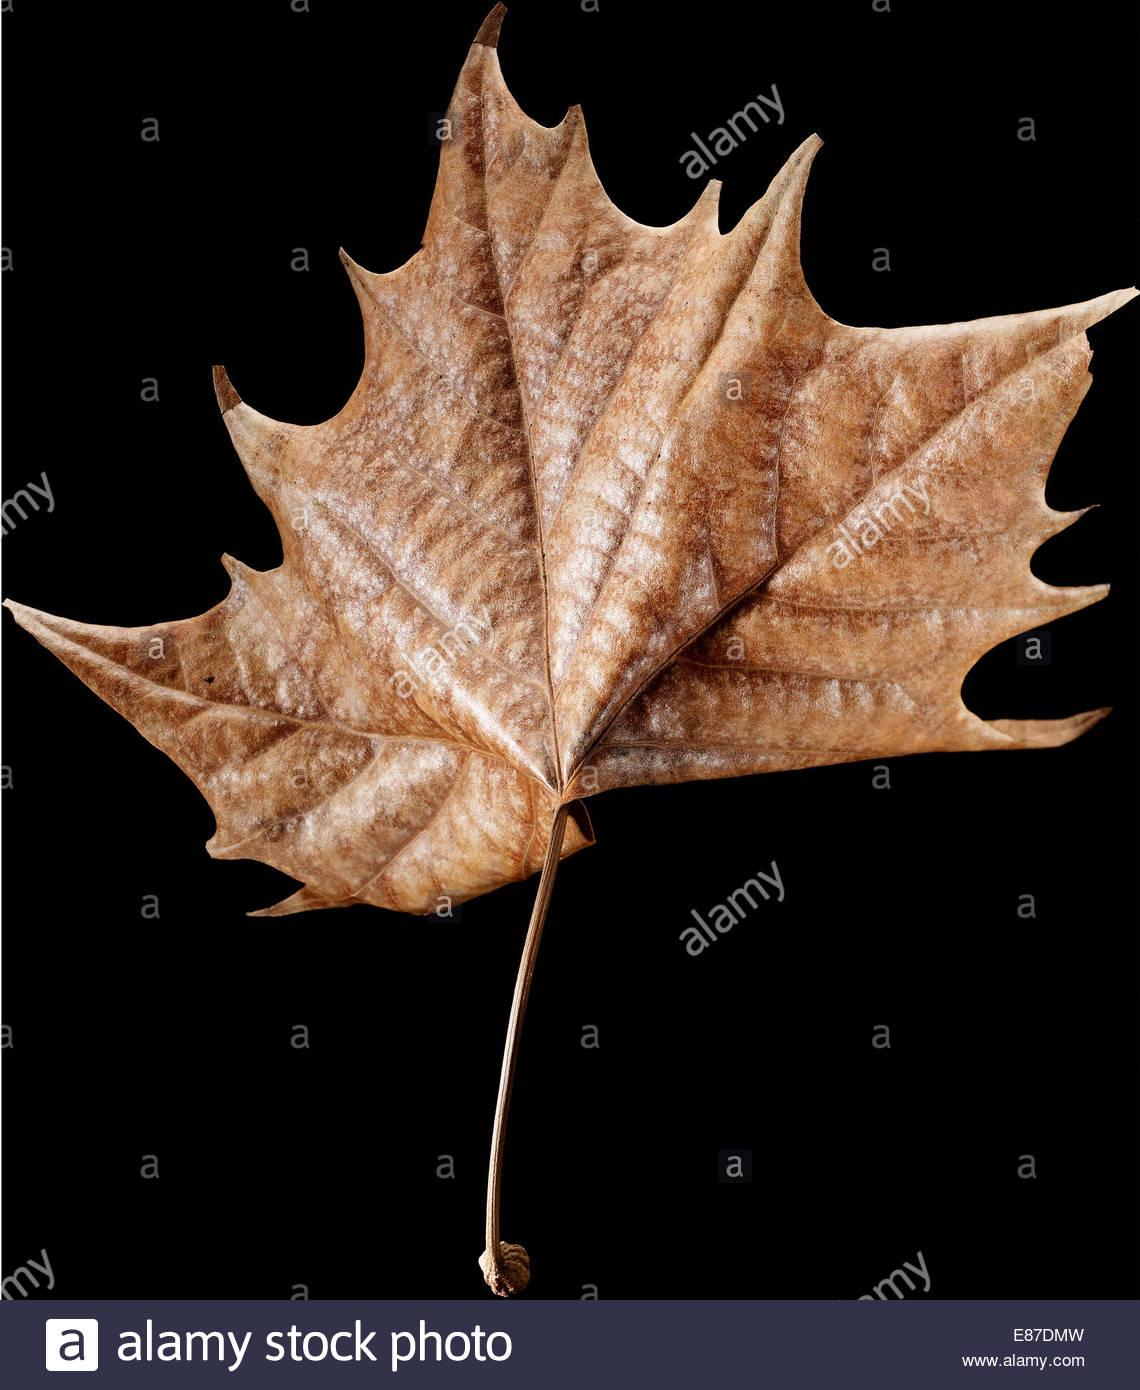 Schöne trockene Ahornblatt auf schwarzem Hintergrund Stockbild